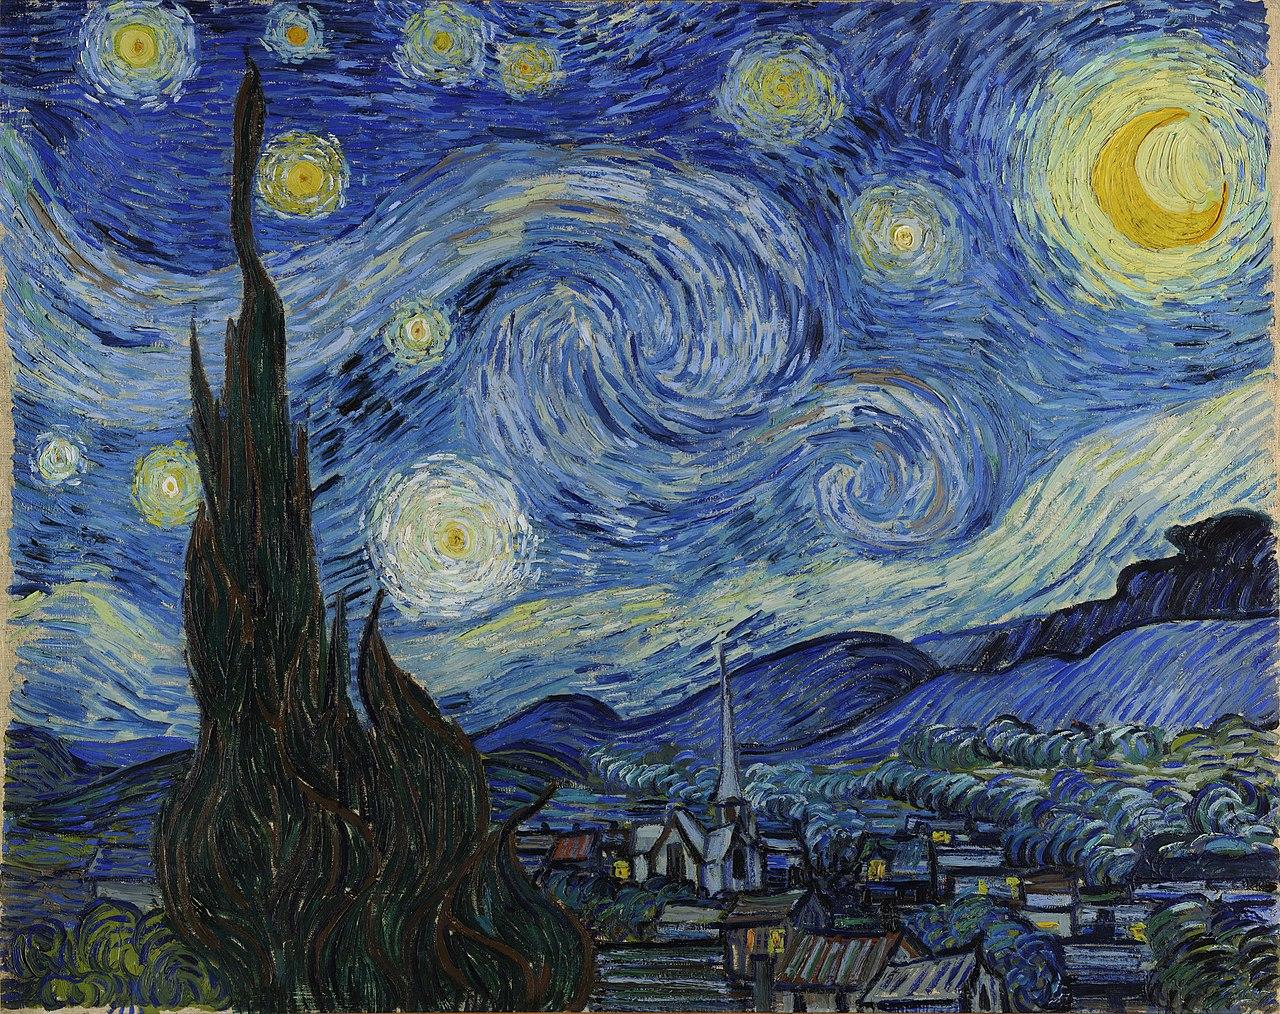 van gogh stjernenatten